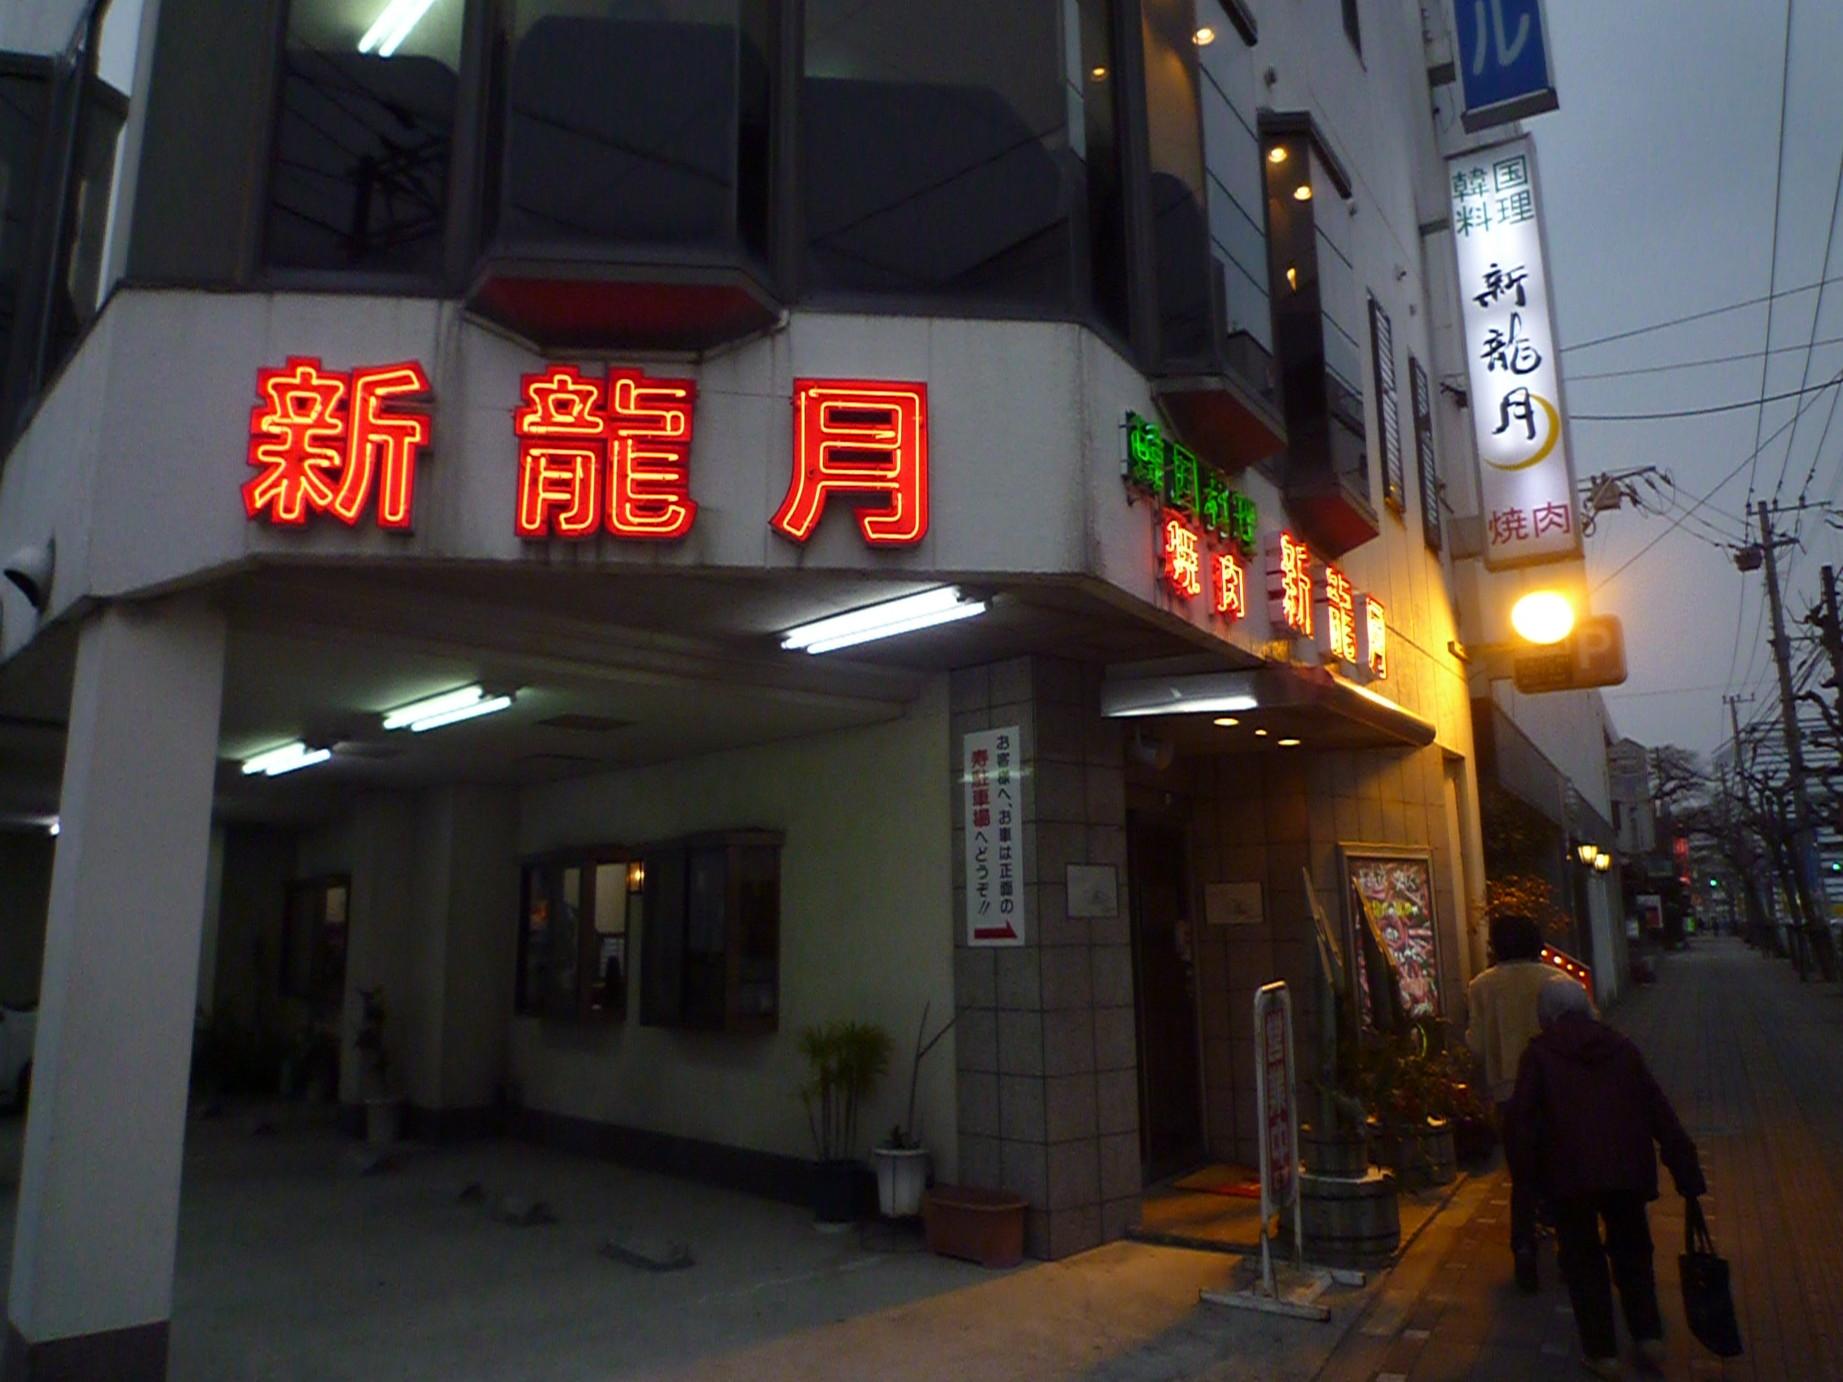 新龍月 久留米本店